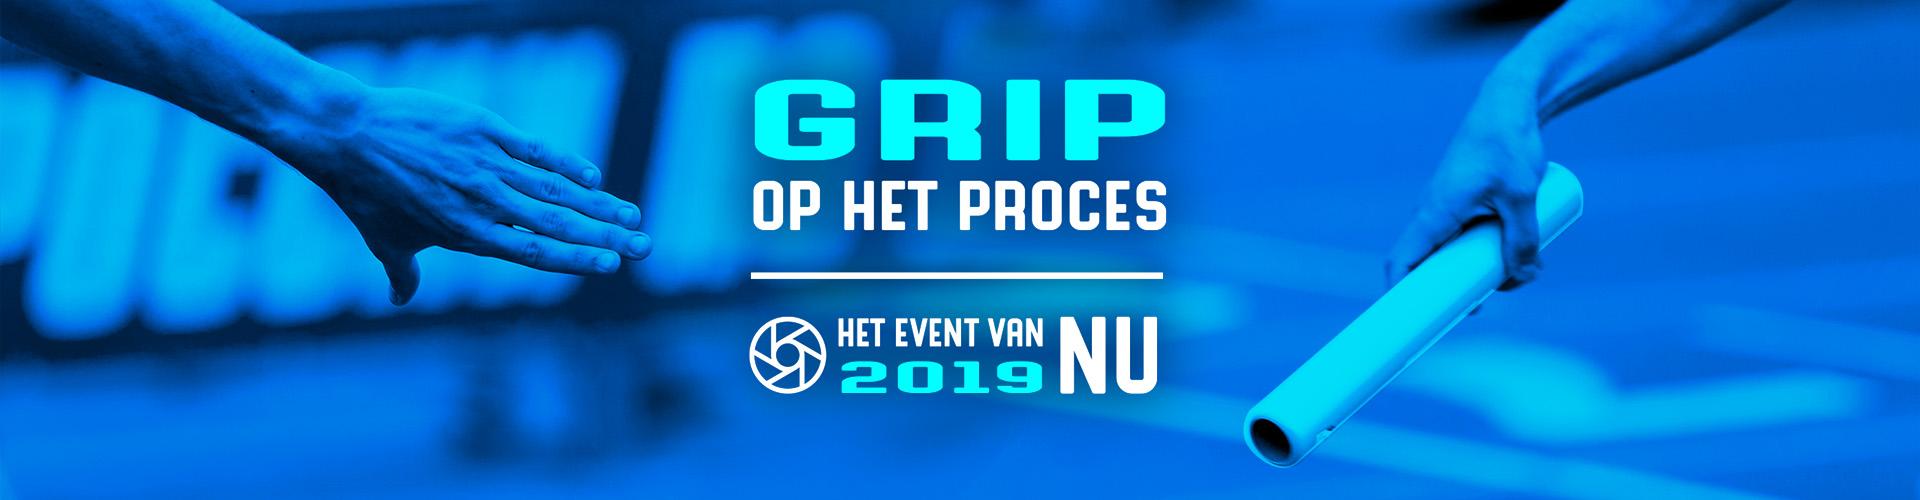 Het Event van NU 2019